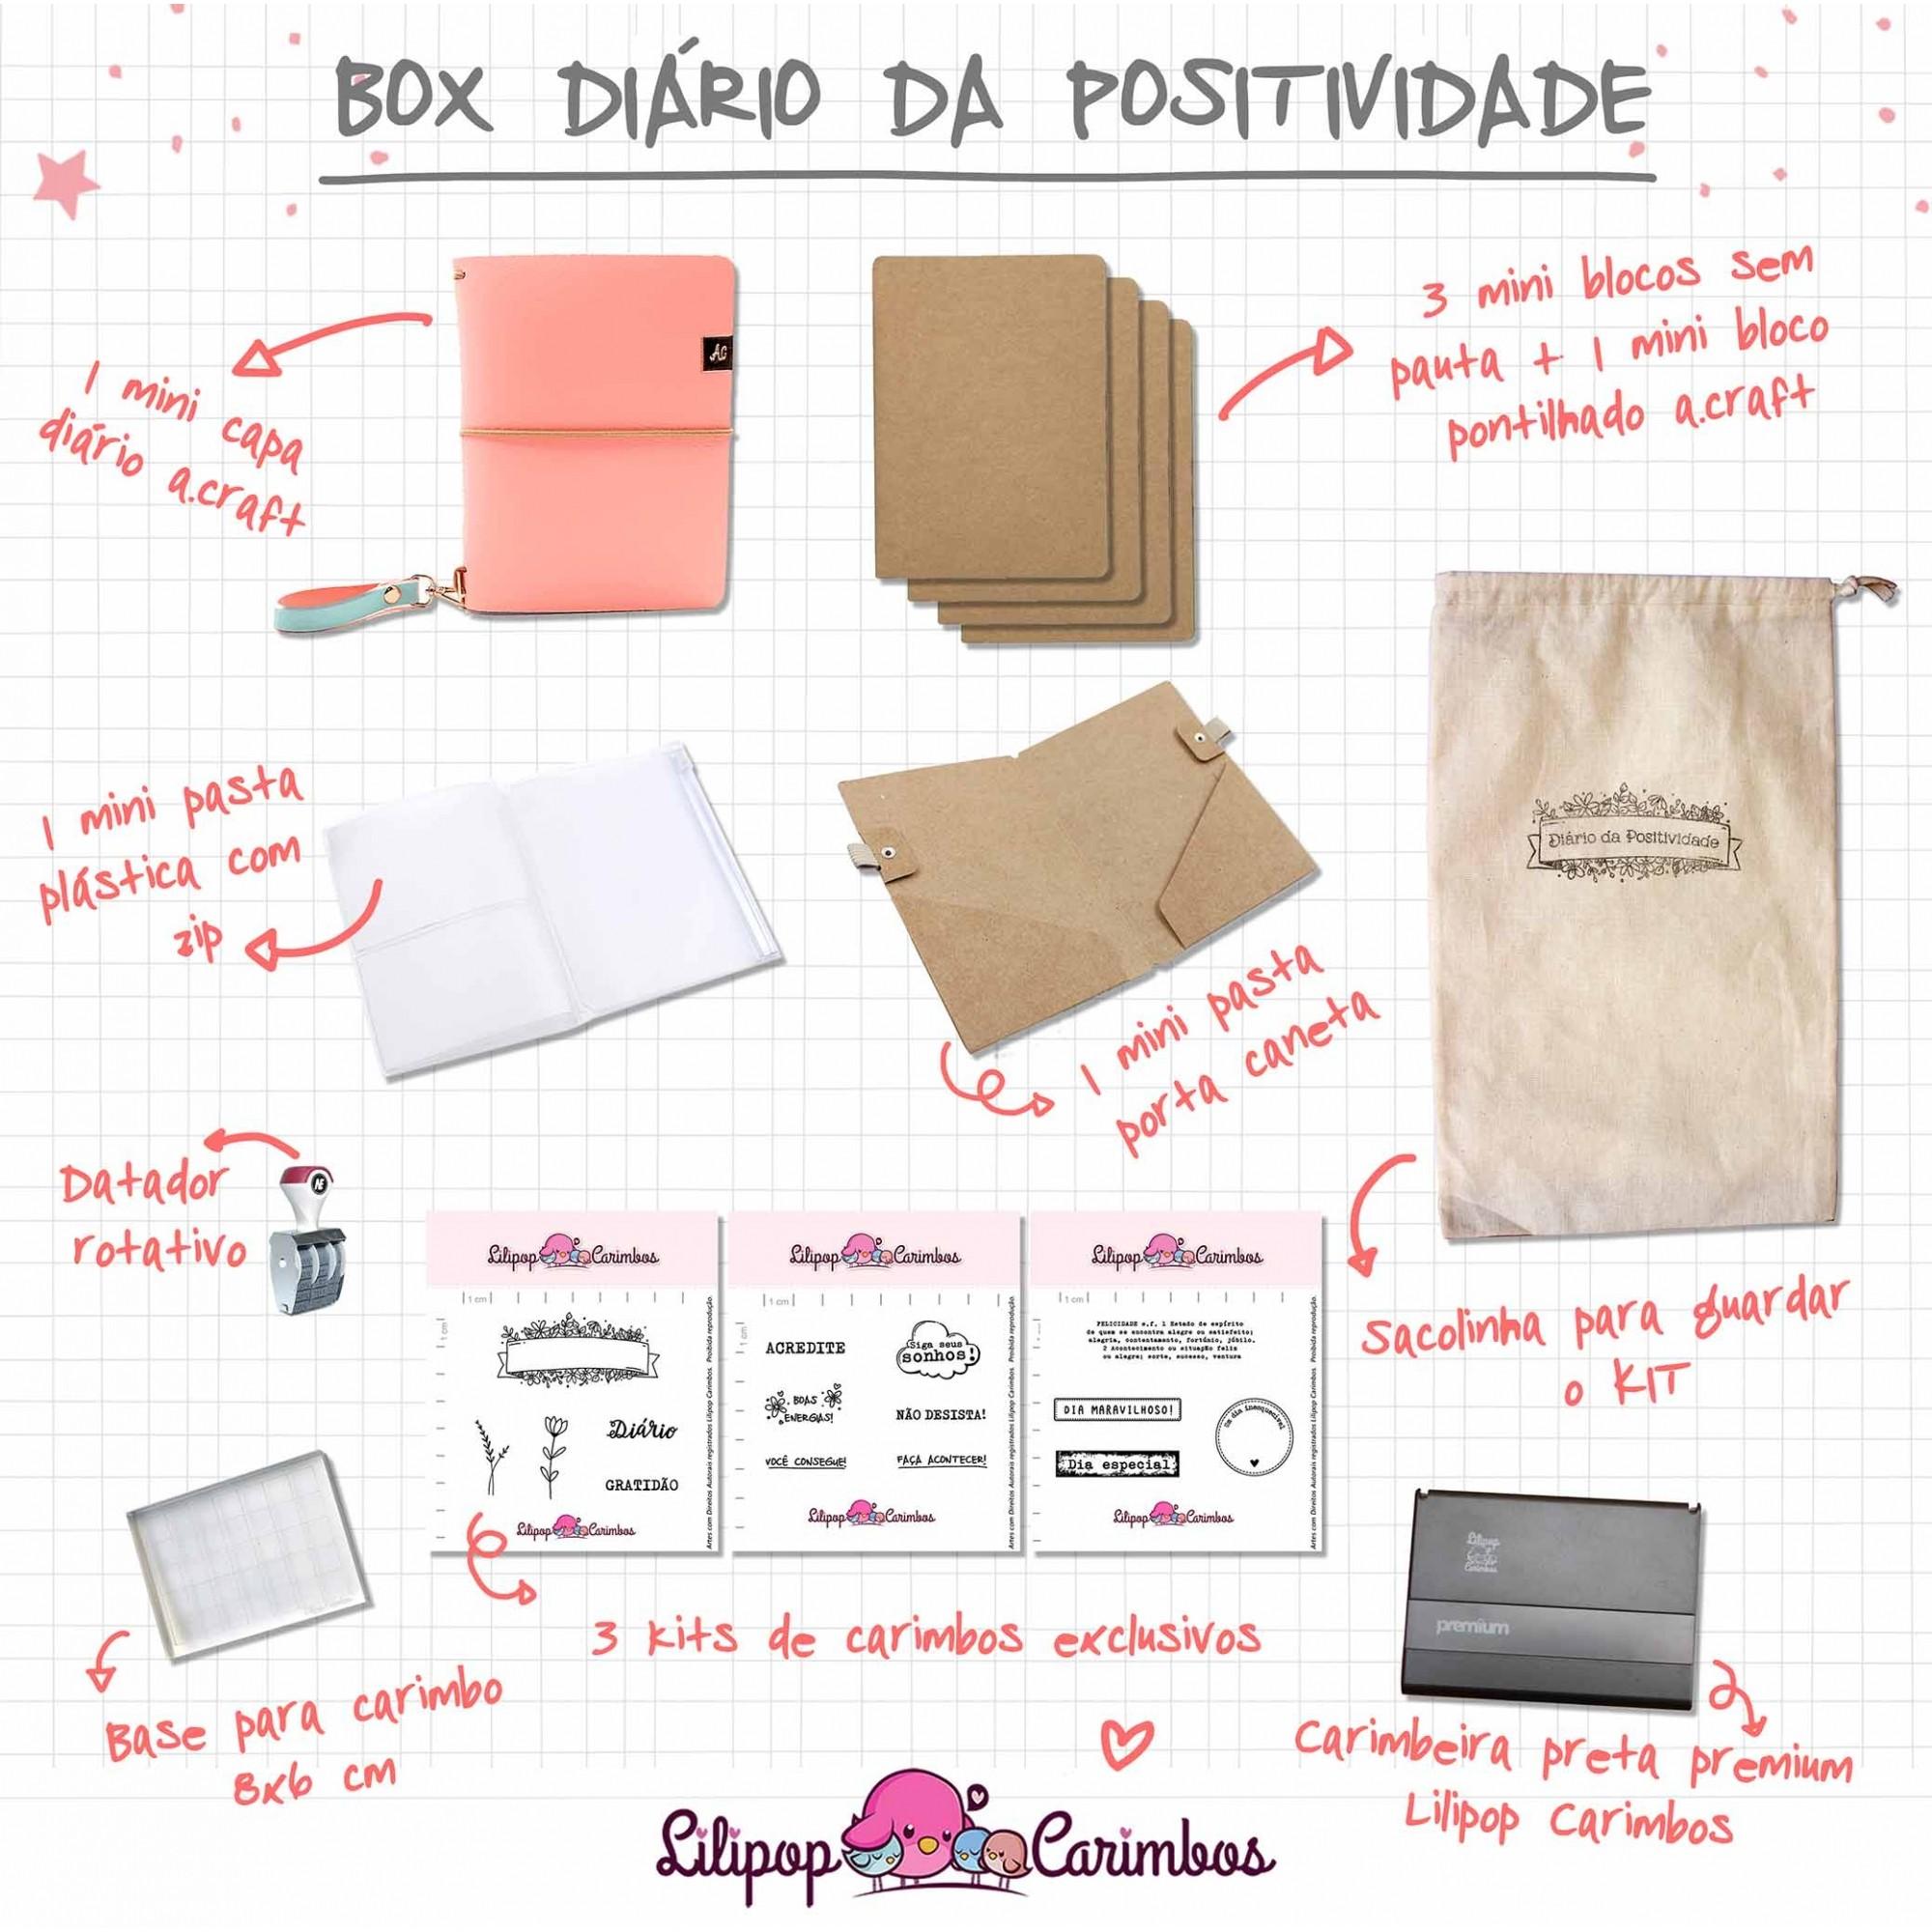 BOX DIÁRIO DA POSITIVIDADE - PEACH